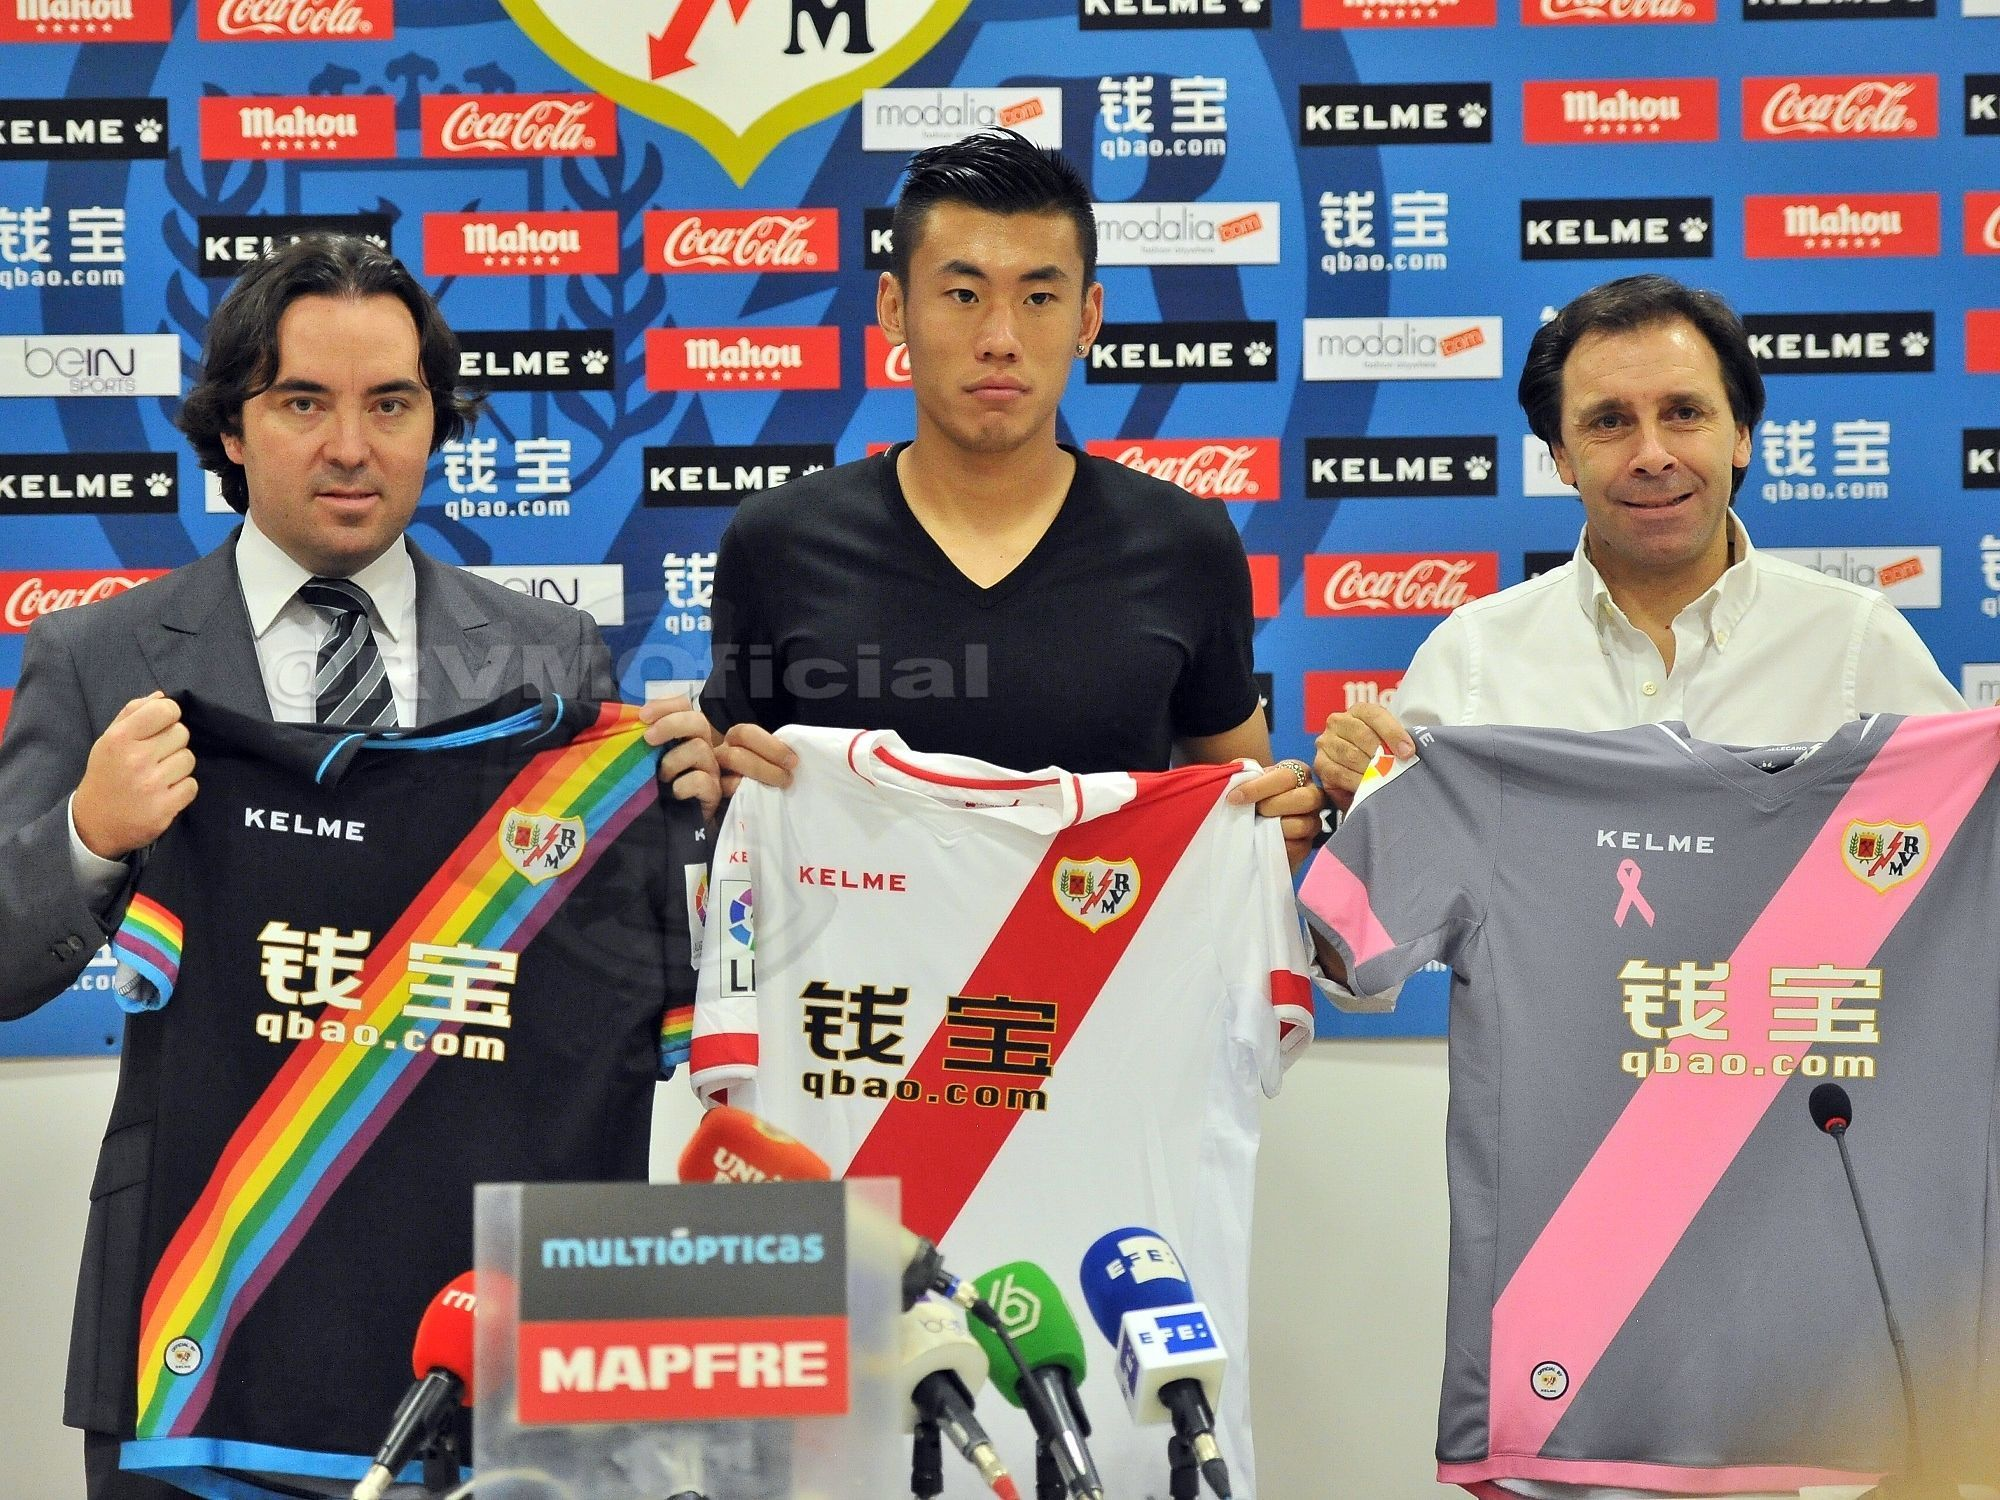 Zhang Chengdong es el primer jugador chino en la historia de la Liga BBVA.